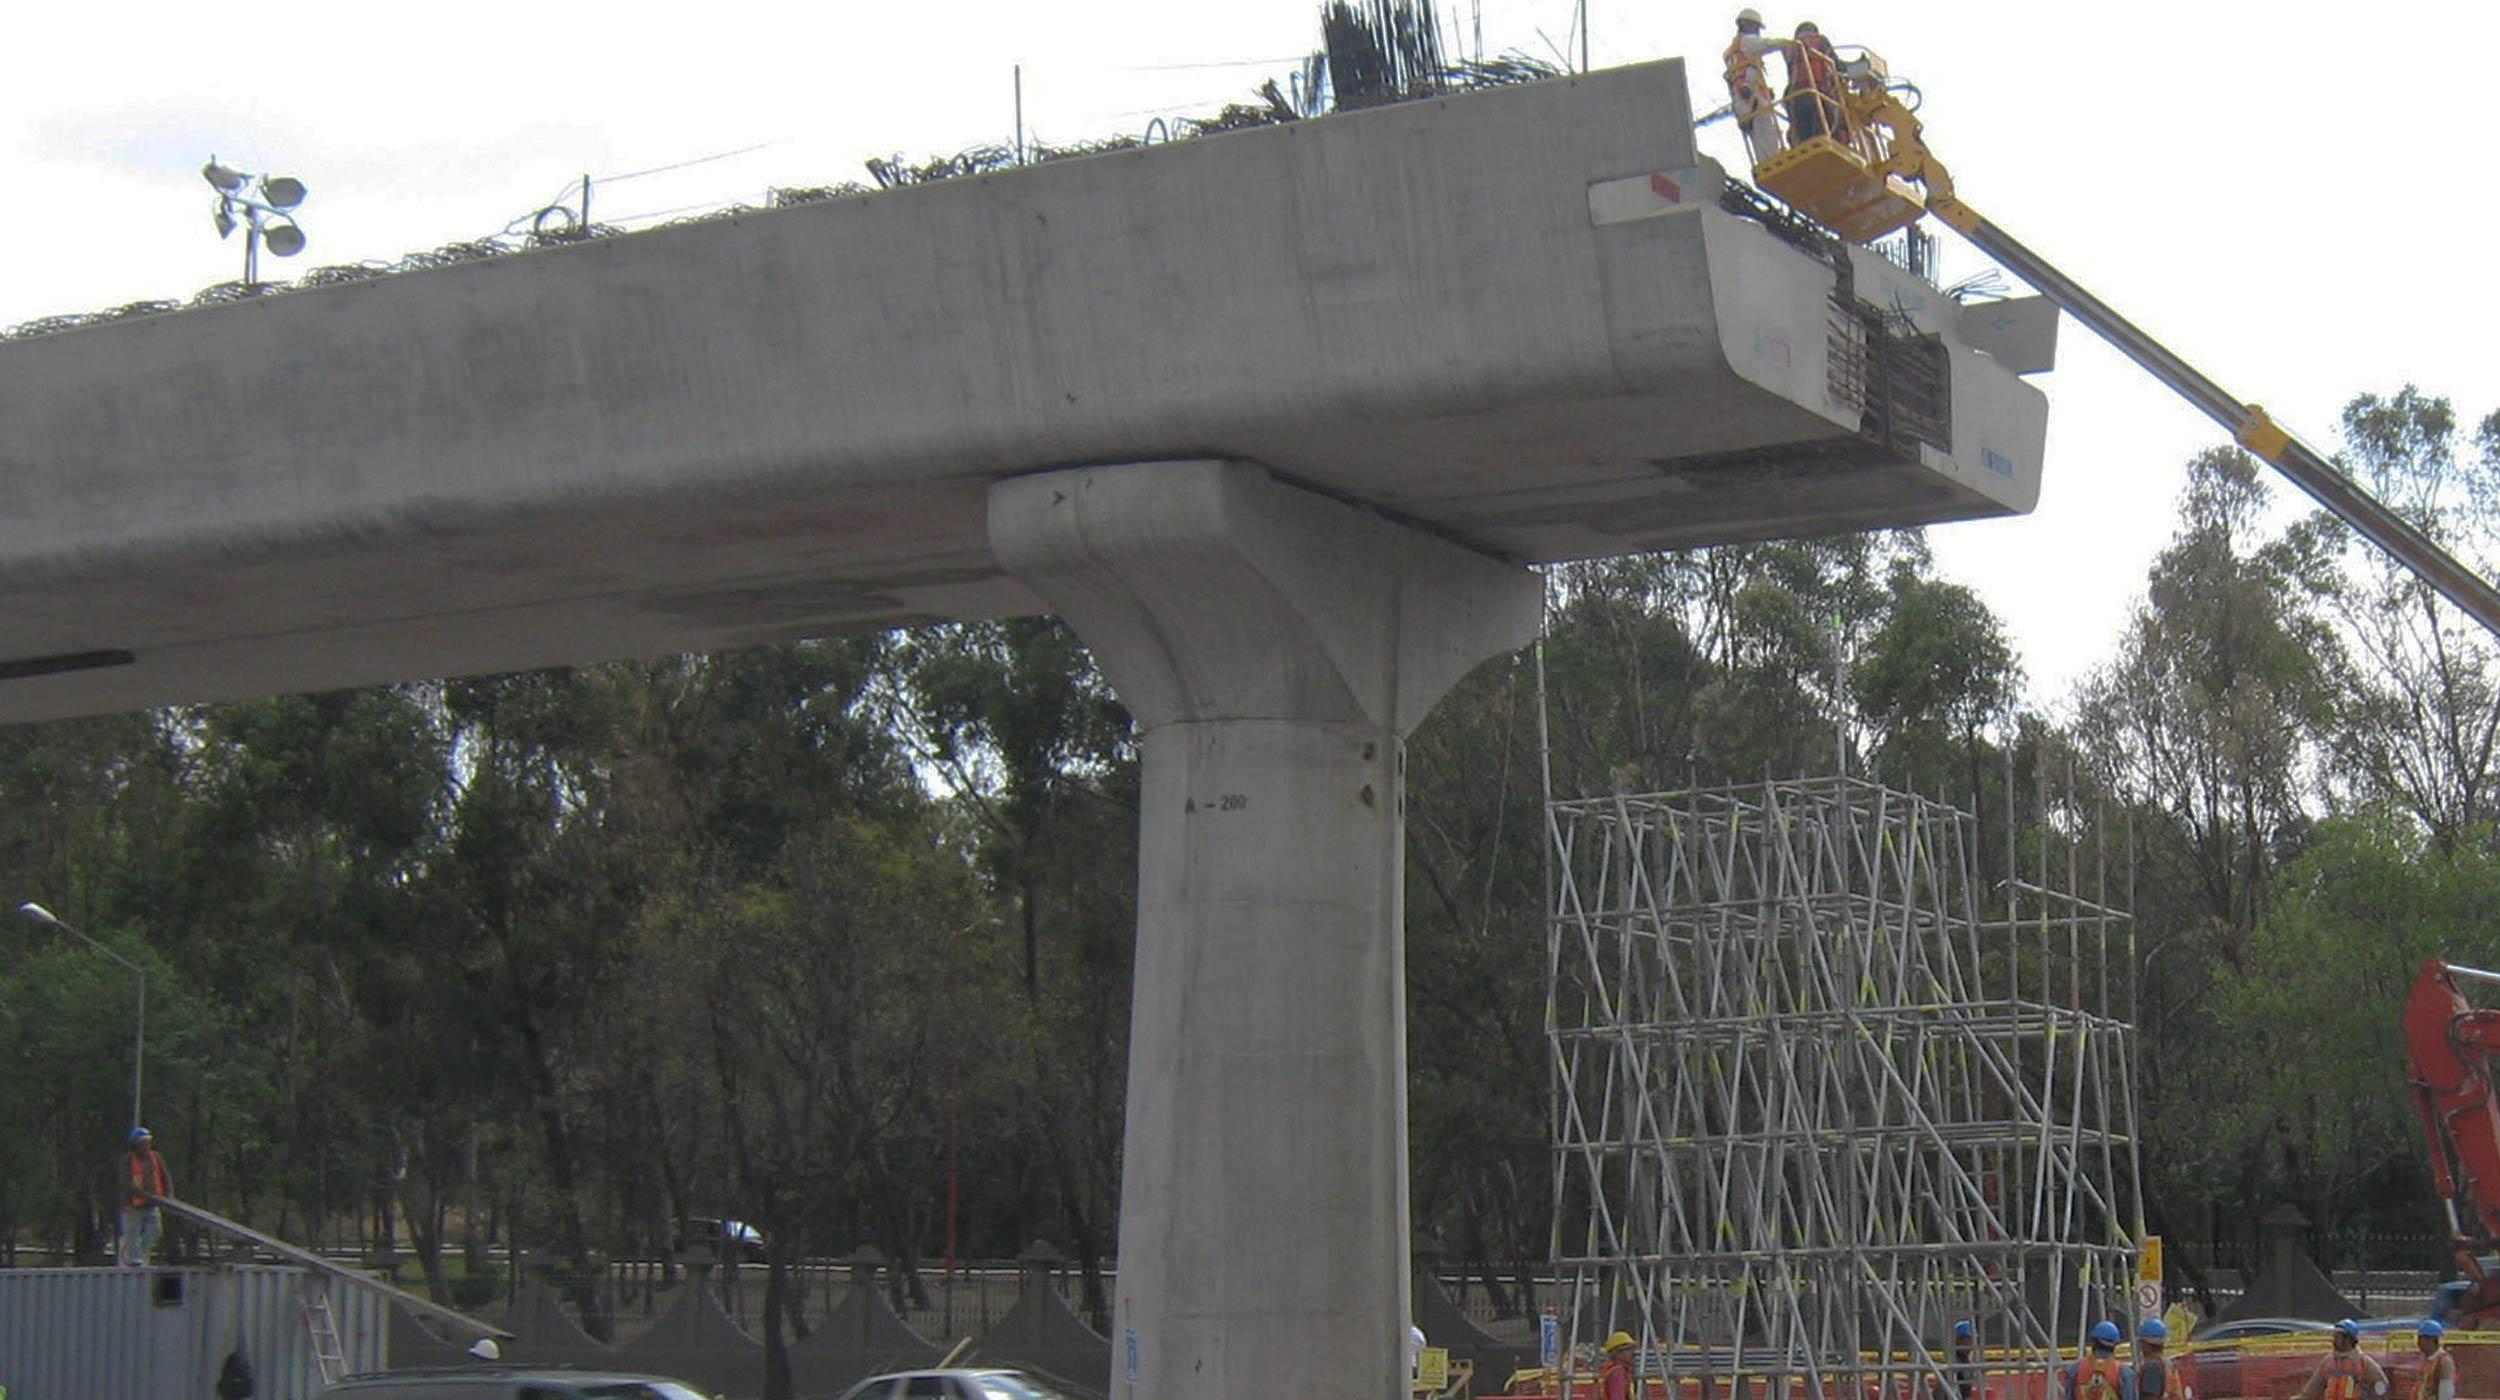 La Autopista urbana Querétaro– Cuernavaca– Toluca se compone el Anillo Periférico Norte y Sur, y por el Sistema vial de puentes, túneles y distribuidores de la Ciudad de México.